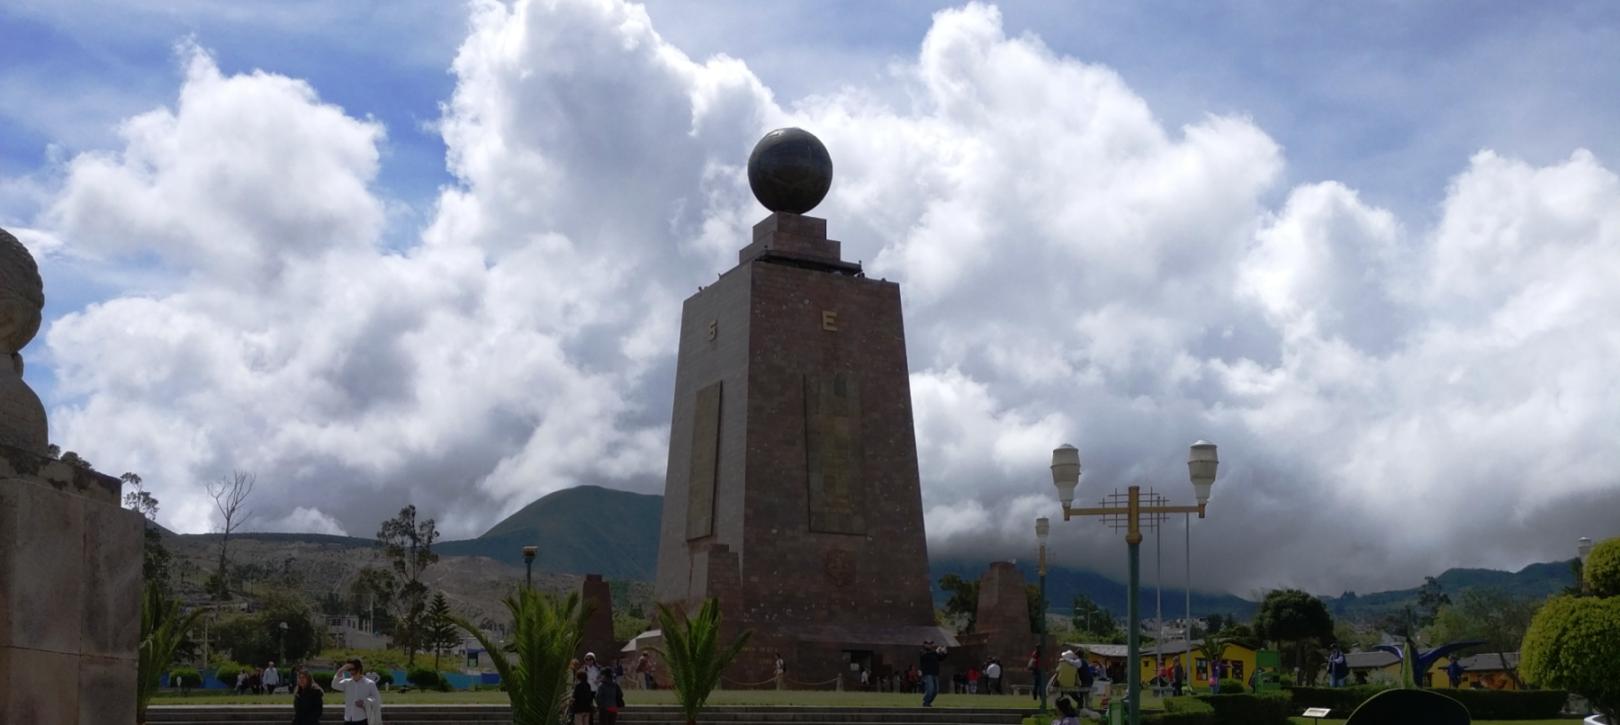 Equador - equator